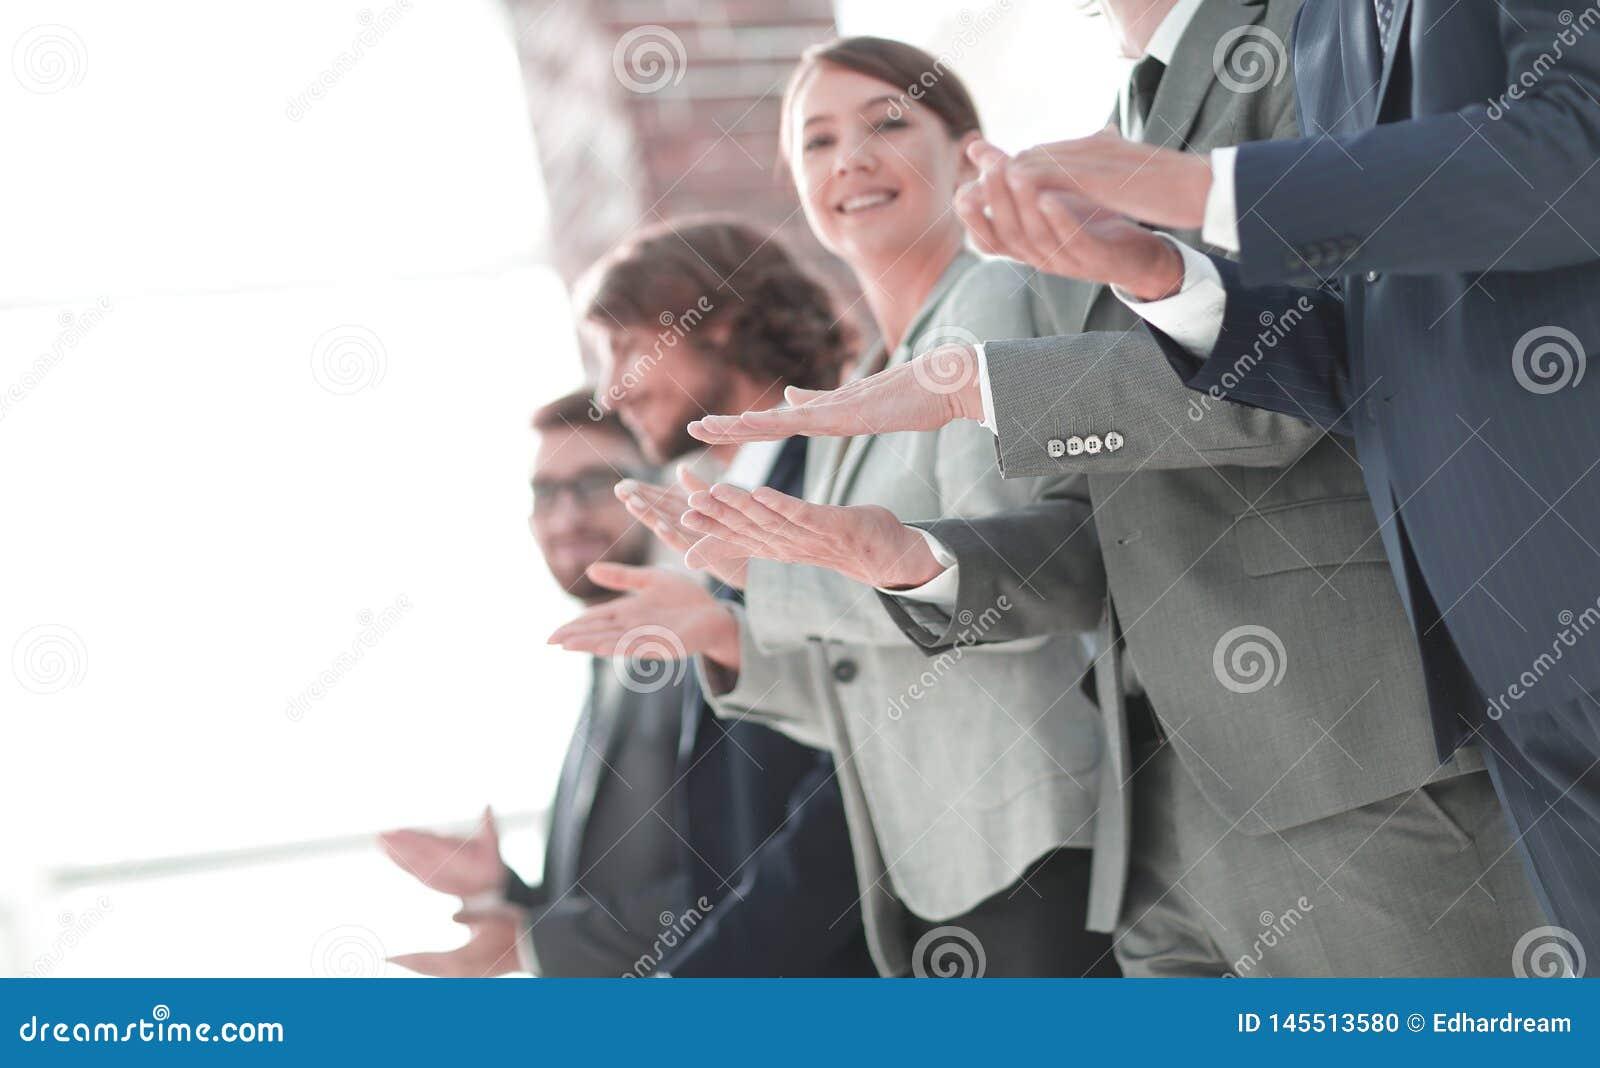 Business people hands applauding